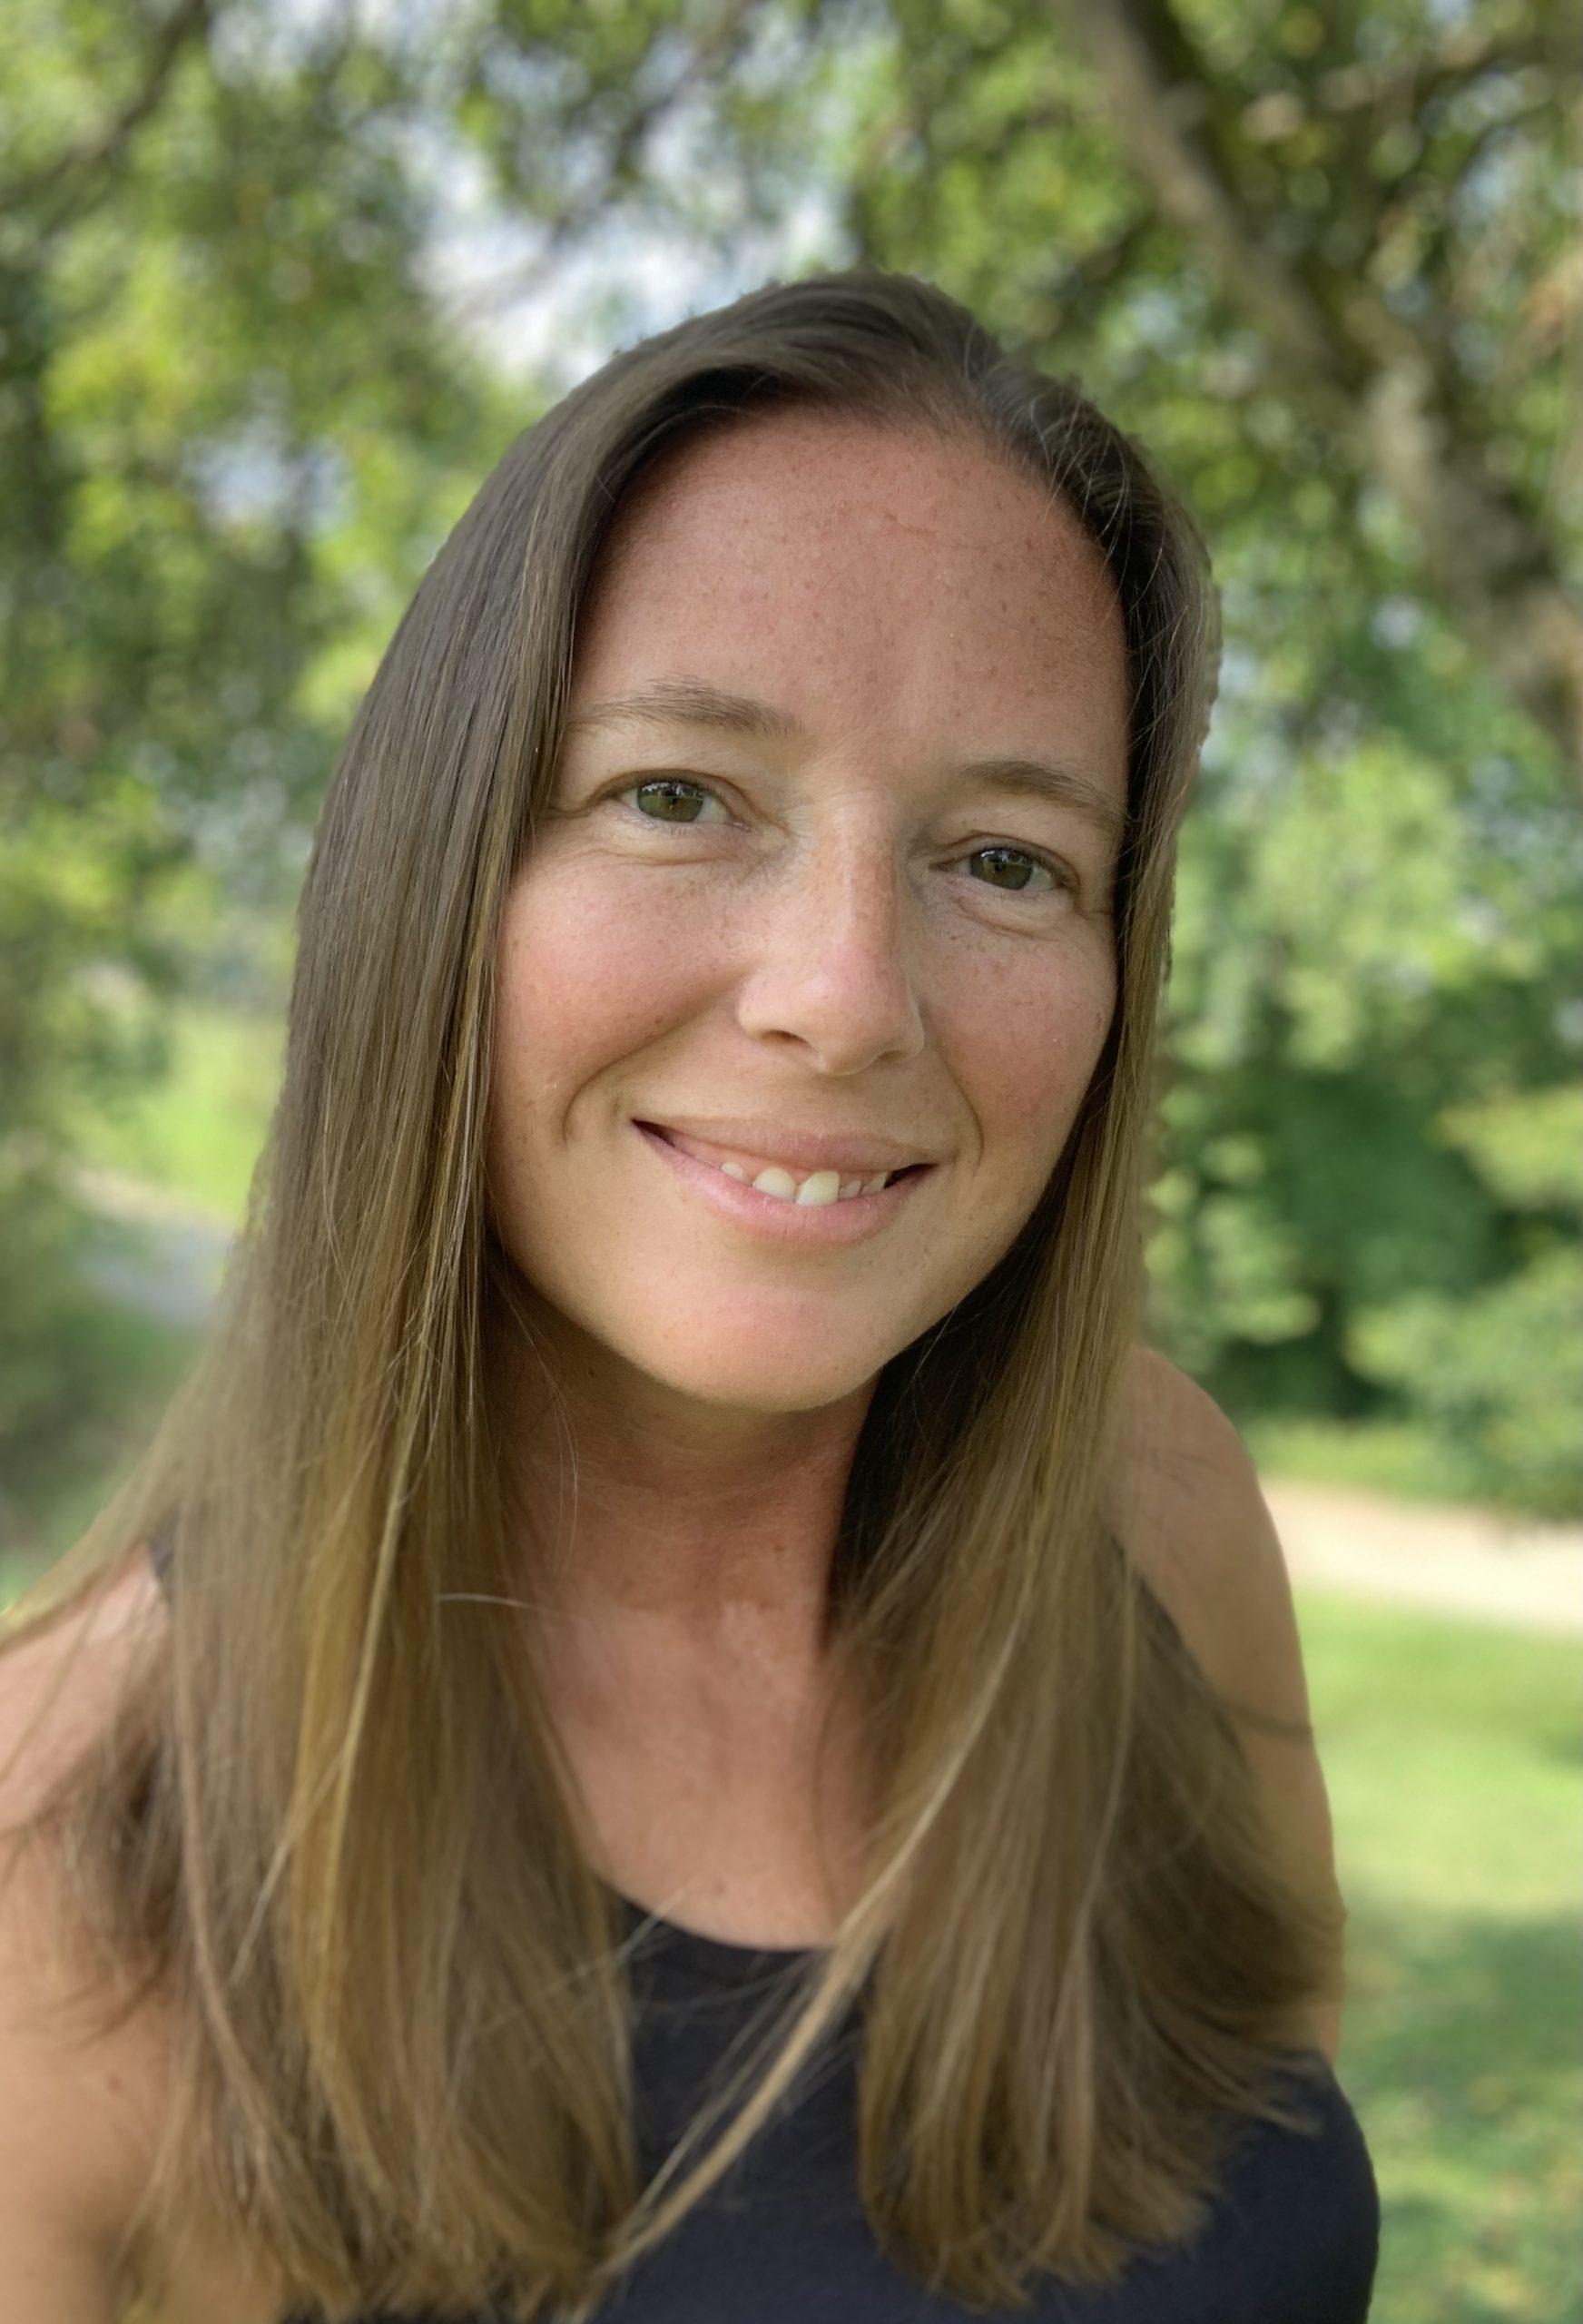 Sara Mick